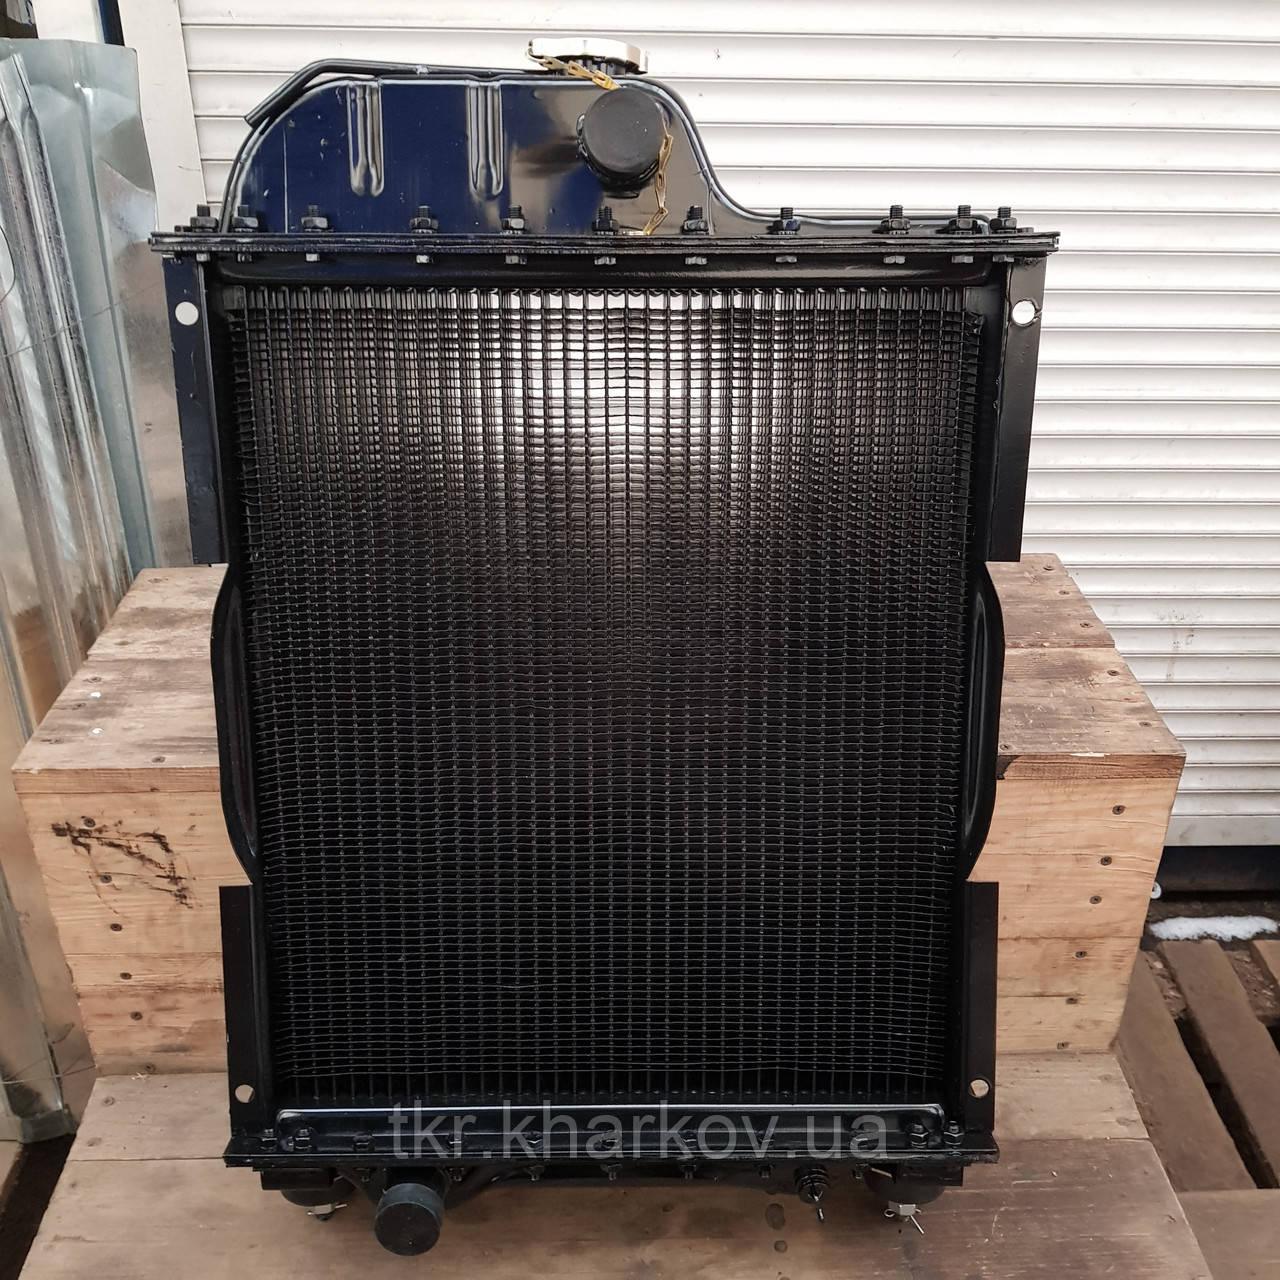 Радиатор водяного охлаждения МТЗ-80 70П-1301.010  Д-240,243 (4-х рядн.) алюминиевый